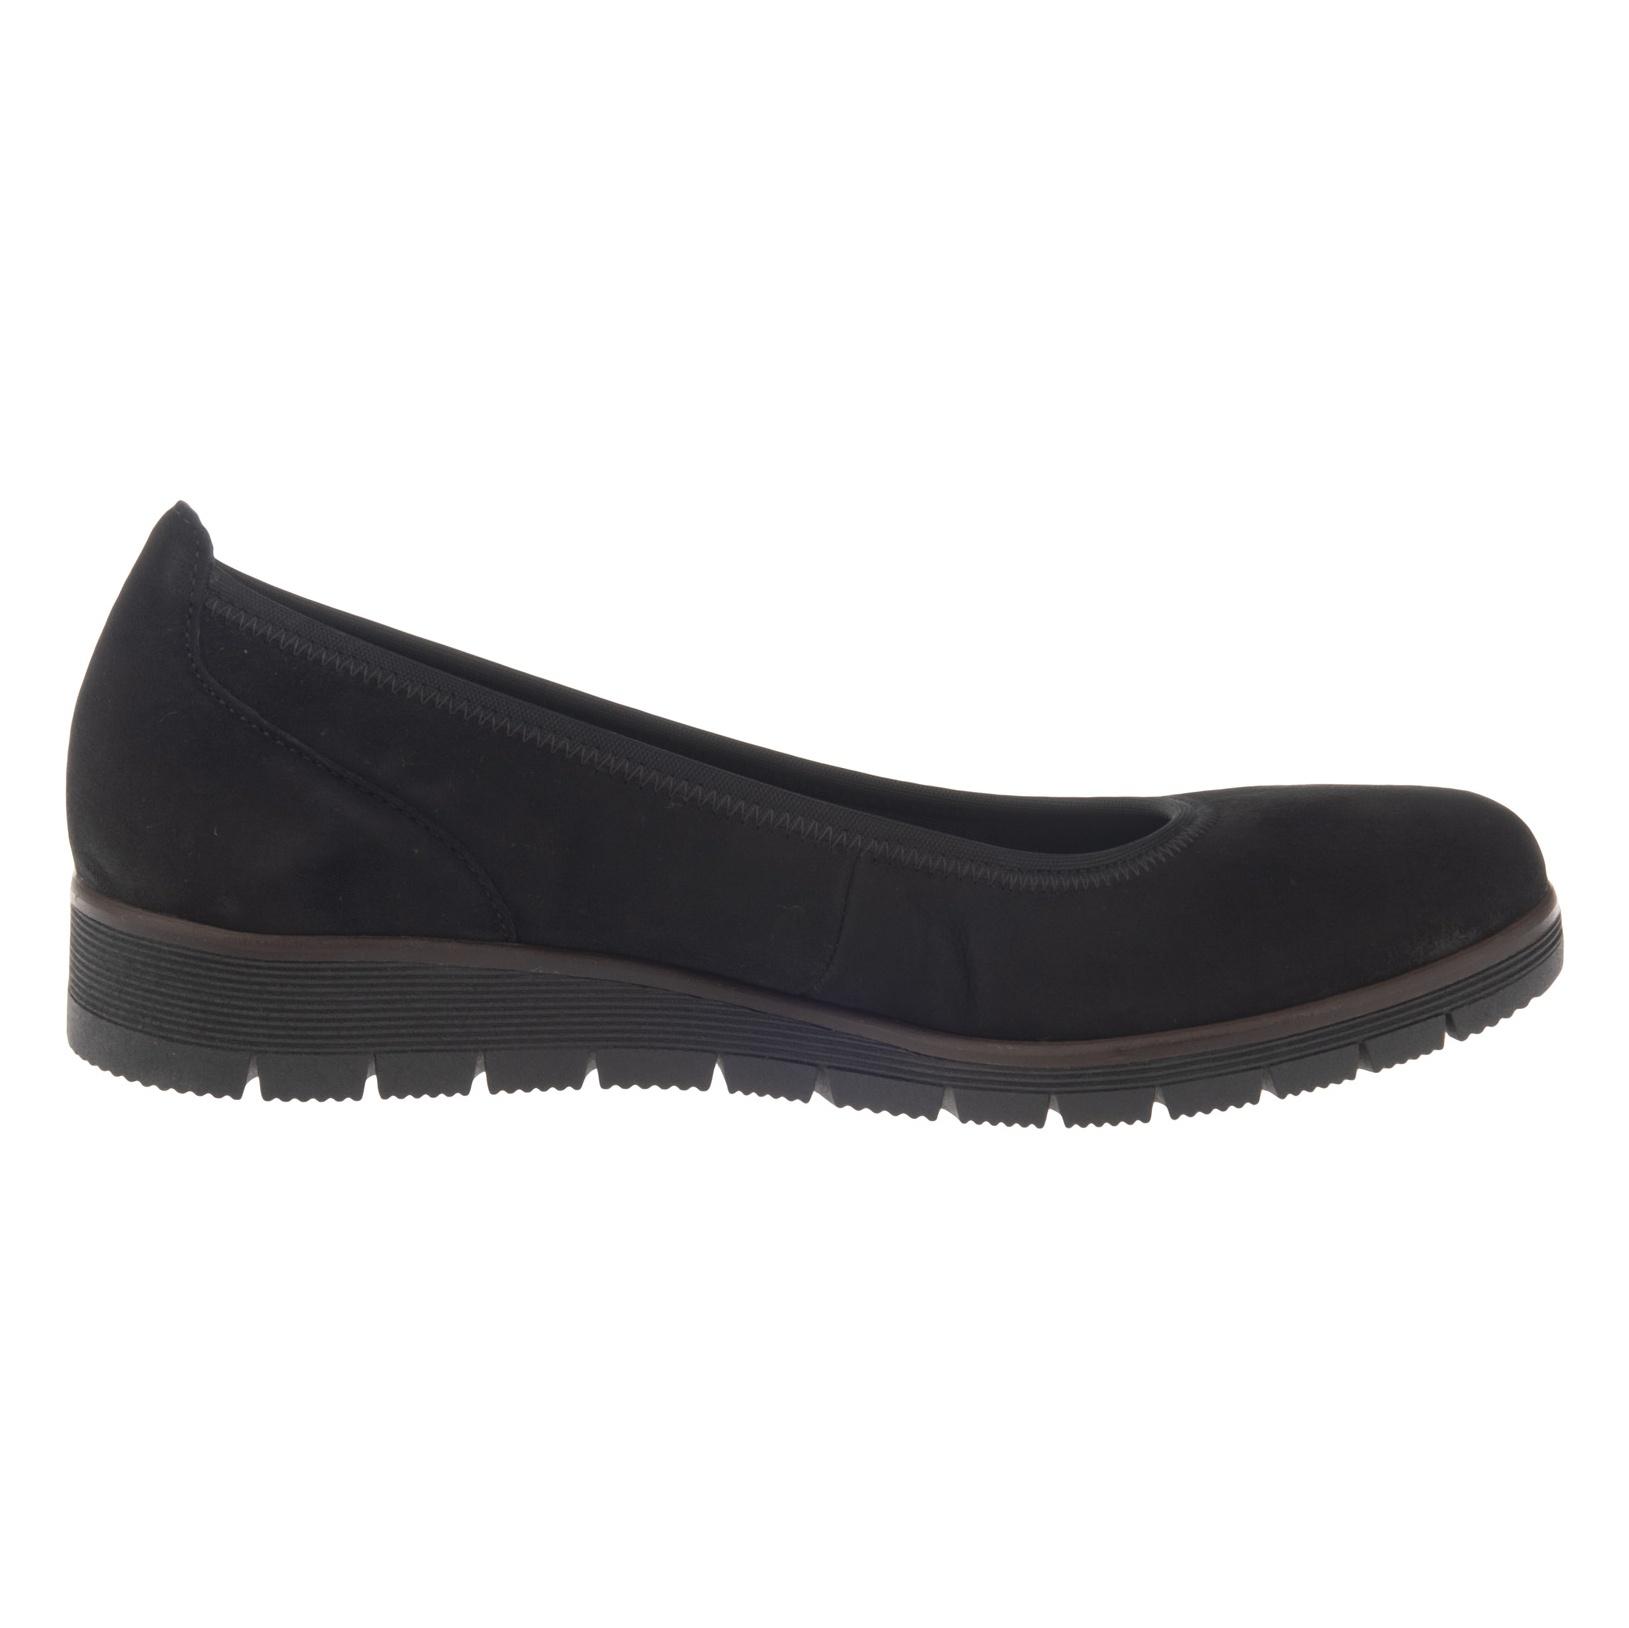 کفش زنانه گابور مدل 23.140.17